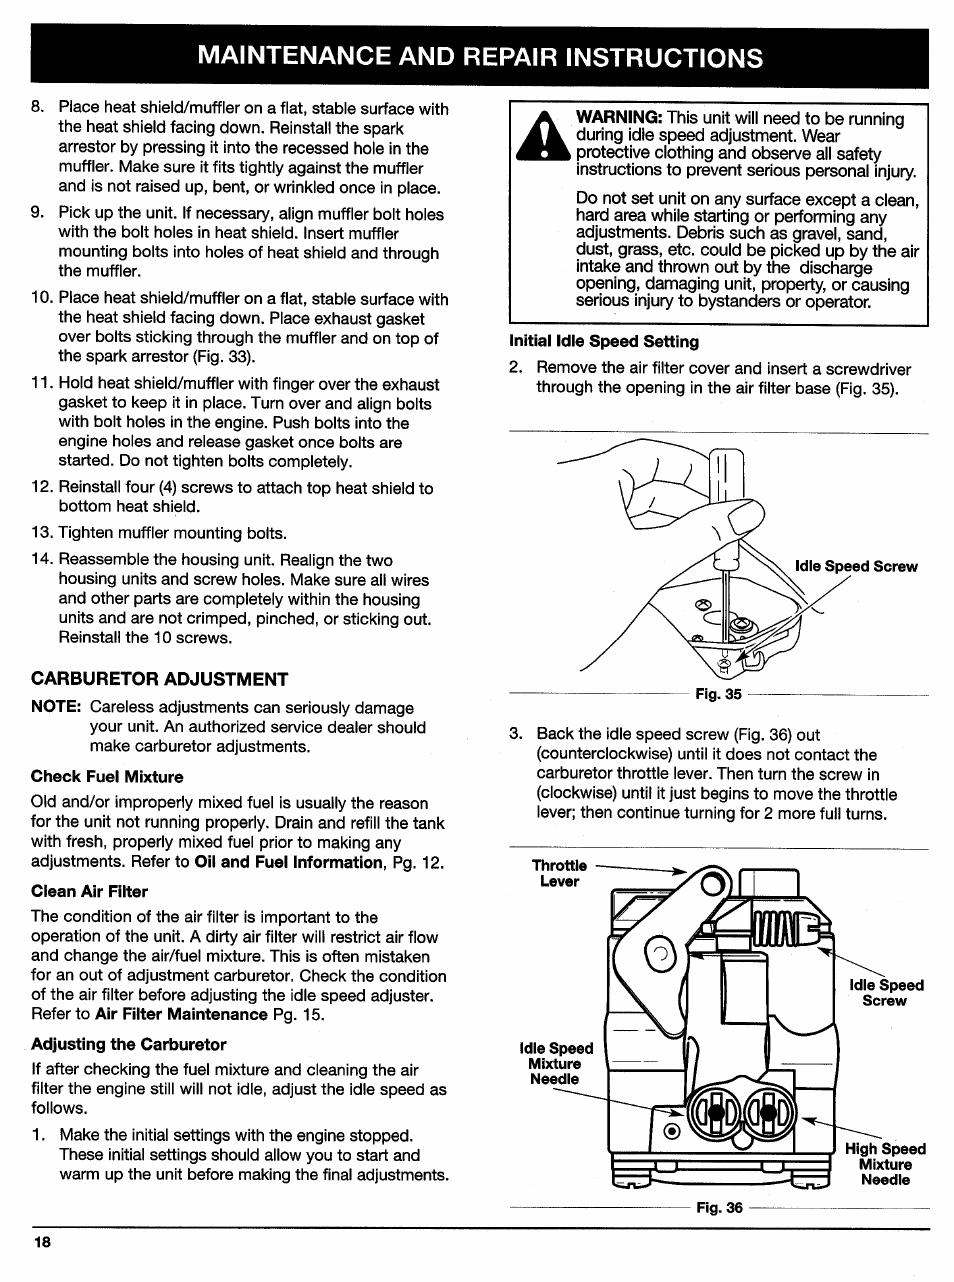 Carburetor Carb Rebuild Or Adjustment Manual Guide